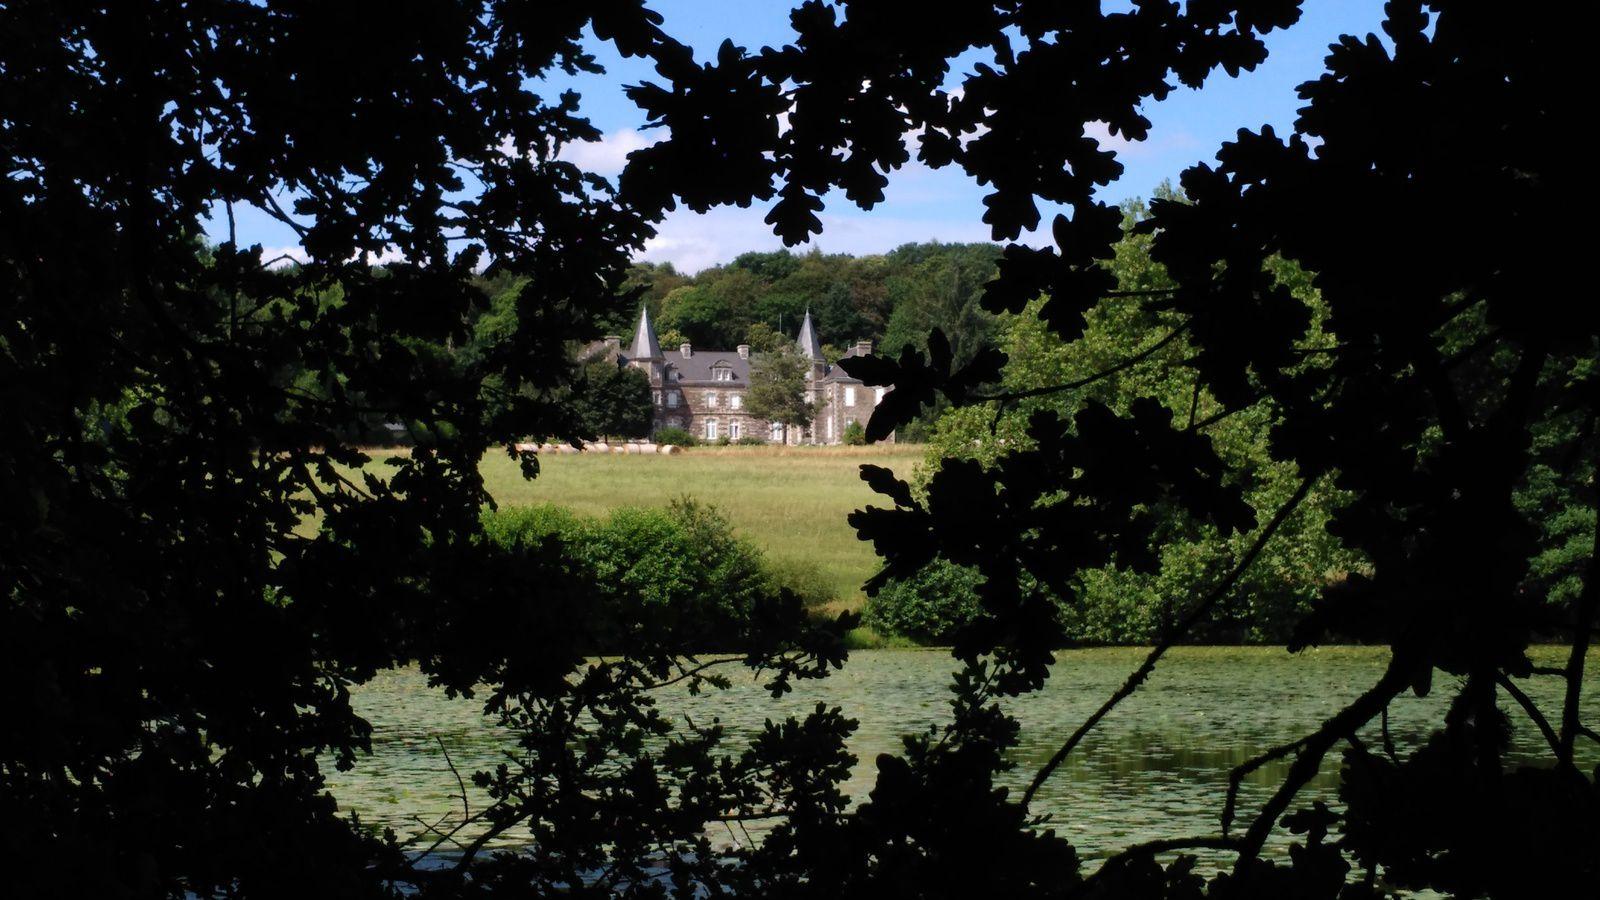 Les photos du 02/08/2016 : Le Château de Lémo à Augan